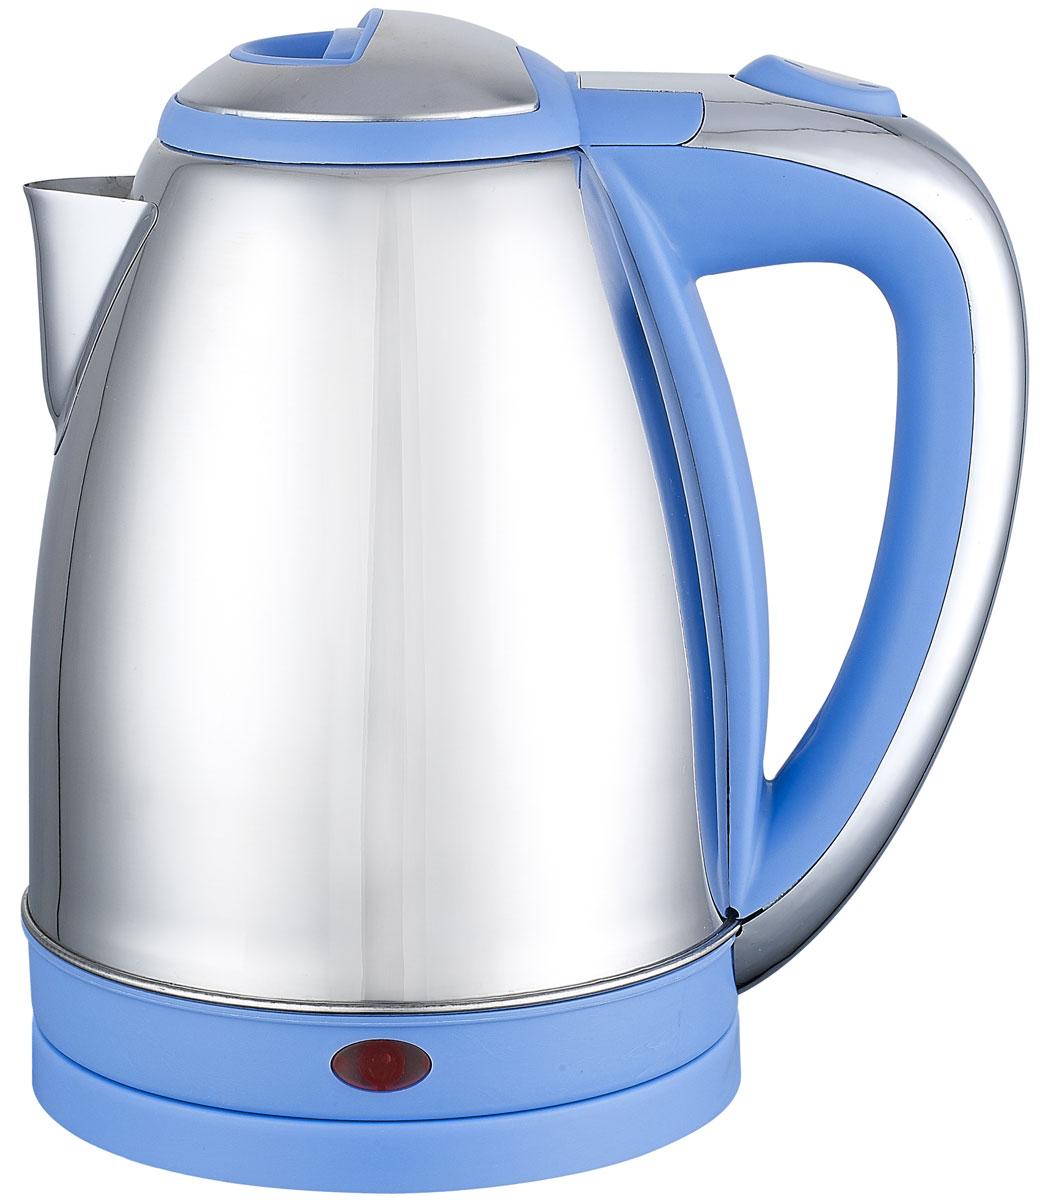 Irit IR-1314, Blue электрический чайник79 02583Электрический чайник Irit IR-1314 прост в управлении и долговечен в использовании. Изготовлен из высококачественных материалов. Прозрачное окошко позволяет определить уровень воды. Мощность 1500 Вт вскипятит 1,8 литра воды в считанные минуты. Для обеспечения безопасности при повседневном использовании предусмотрены функция автовыключения, а также защита от включения при отсутствии воды.